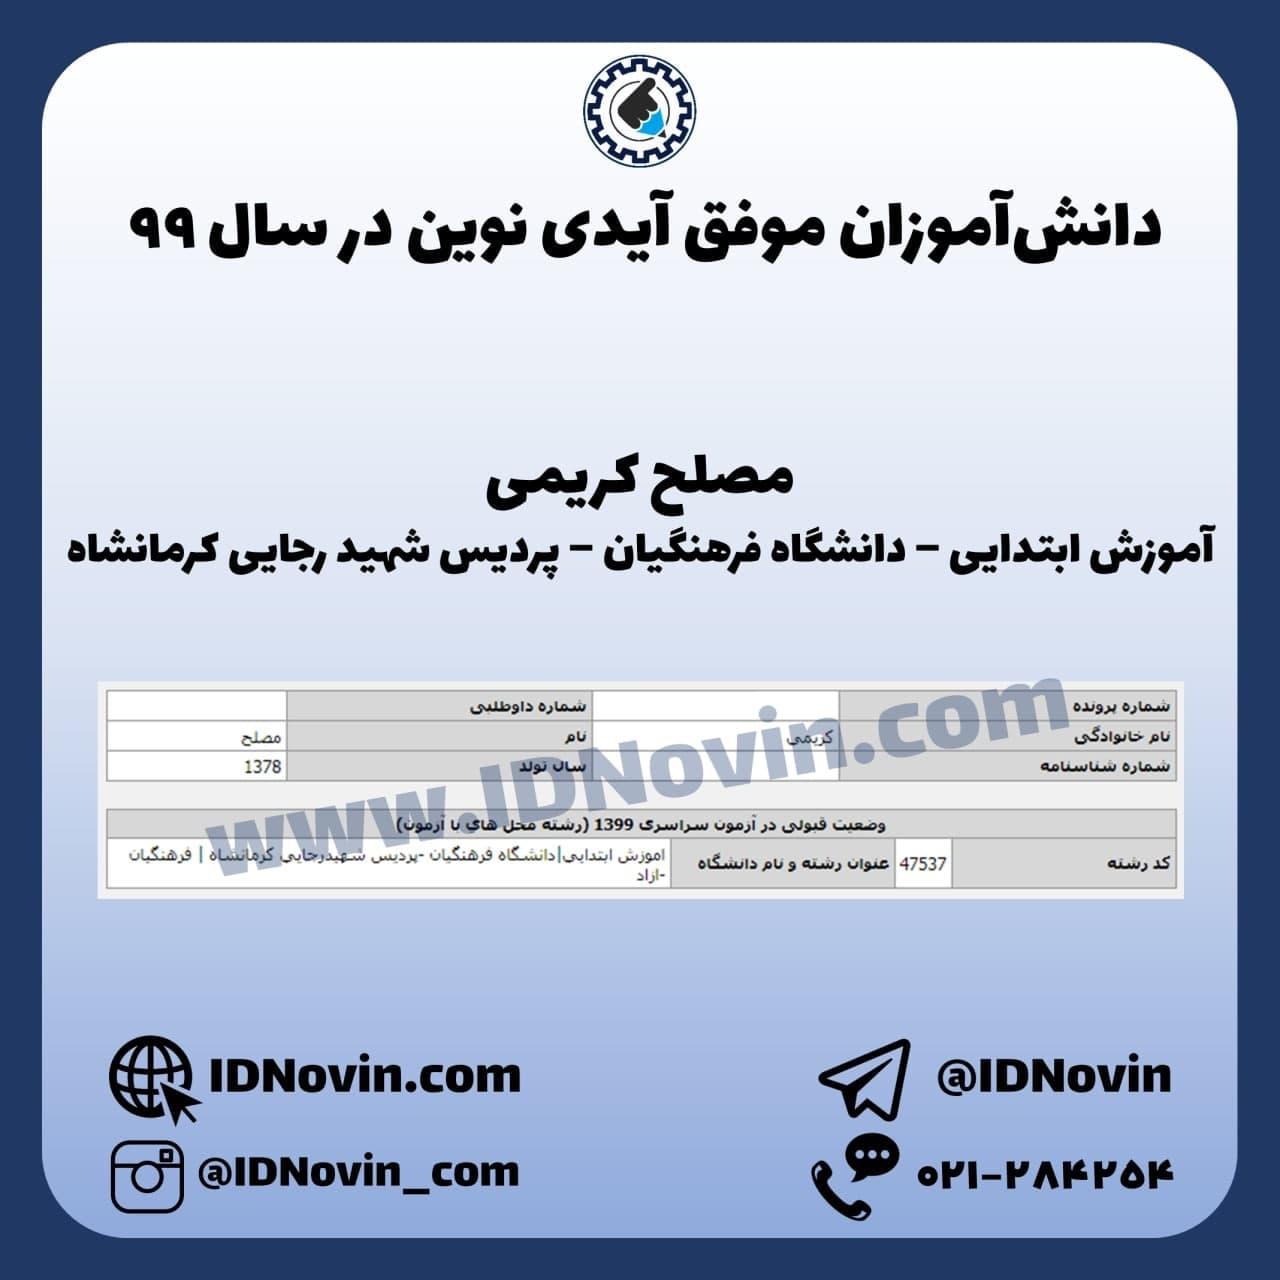 کارنامه قبولی آموزش ابتدایی دانشگاه فرهنگیان شهیدرجایی کرمانشاه